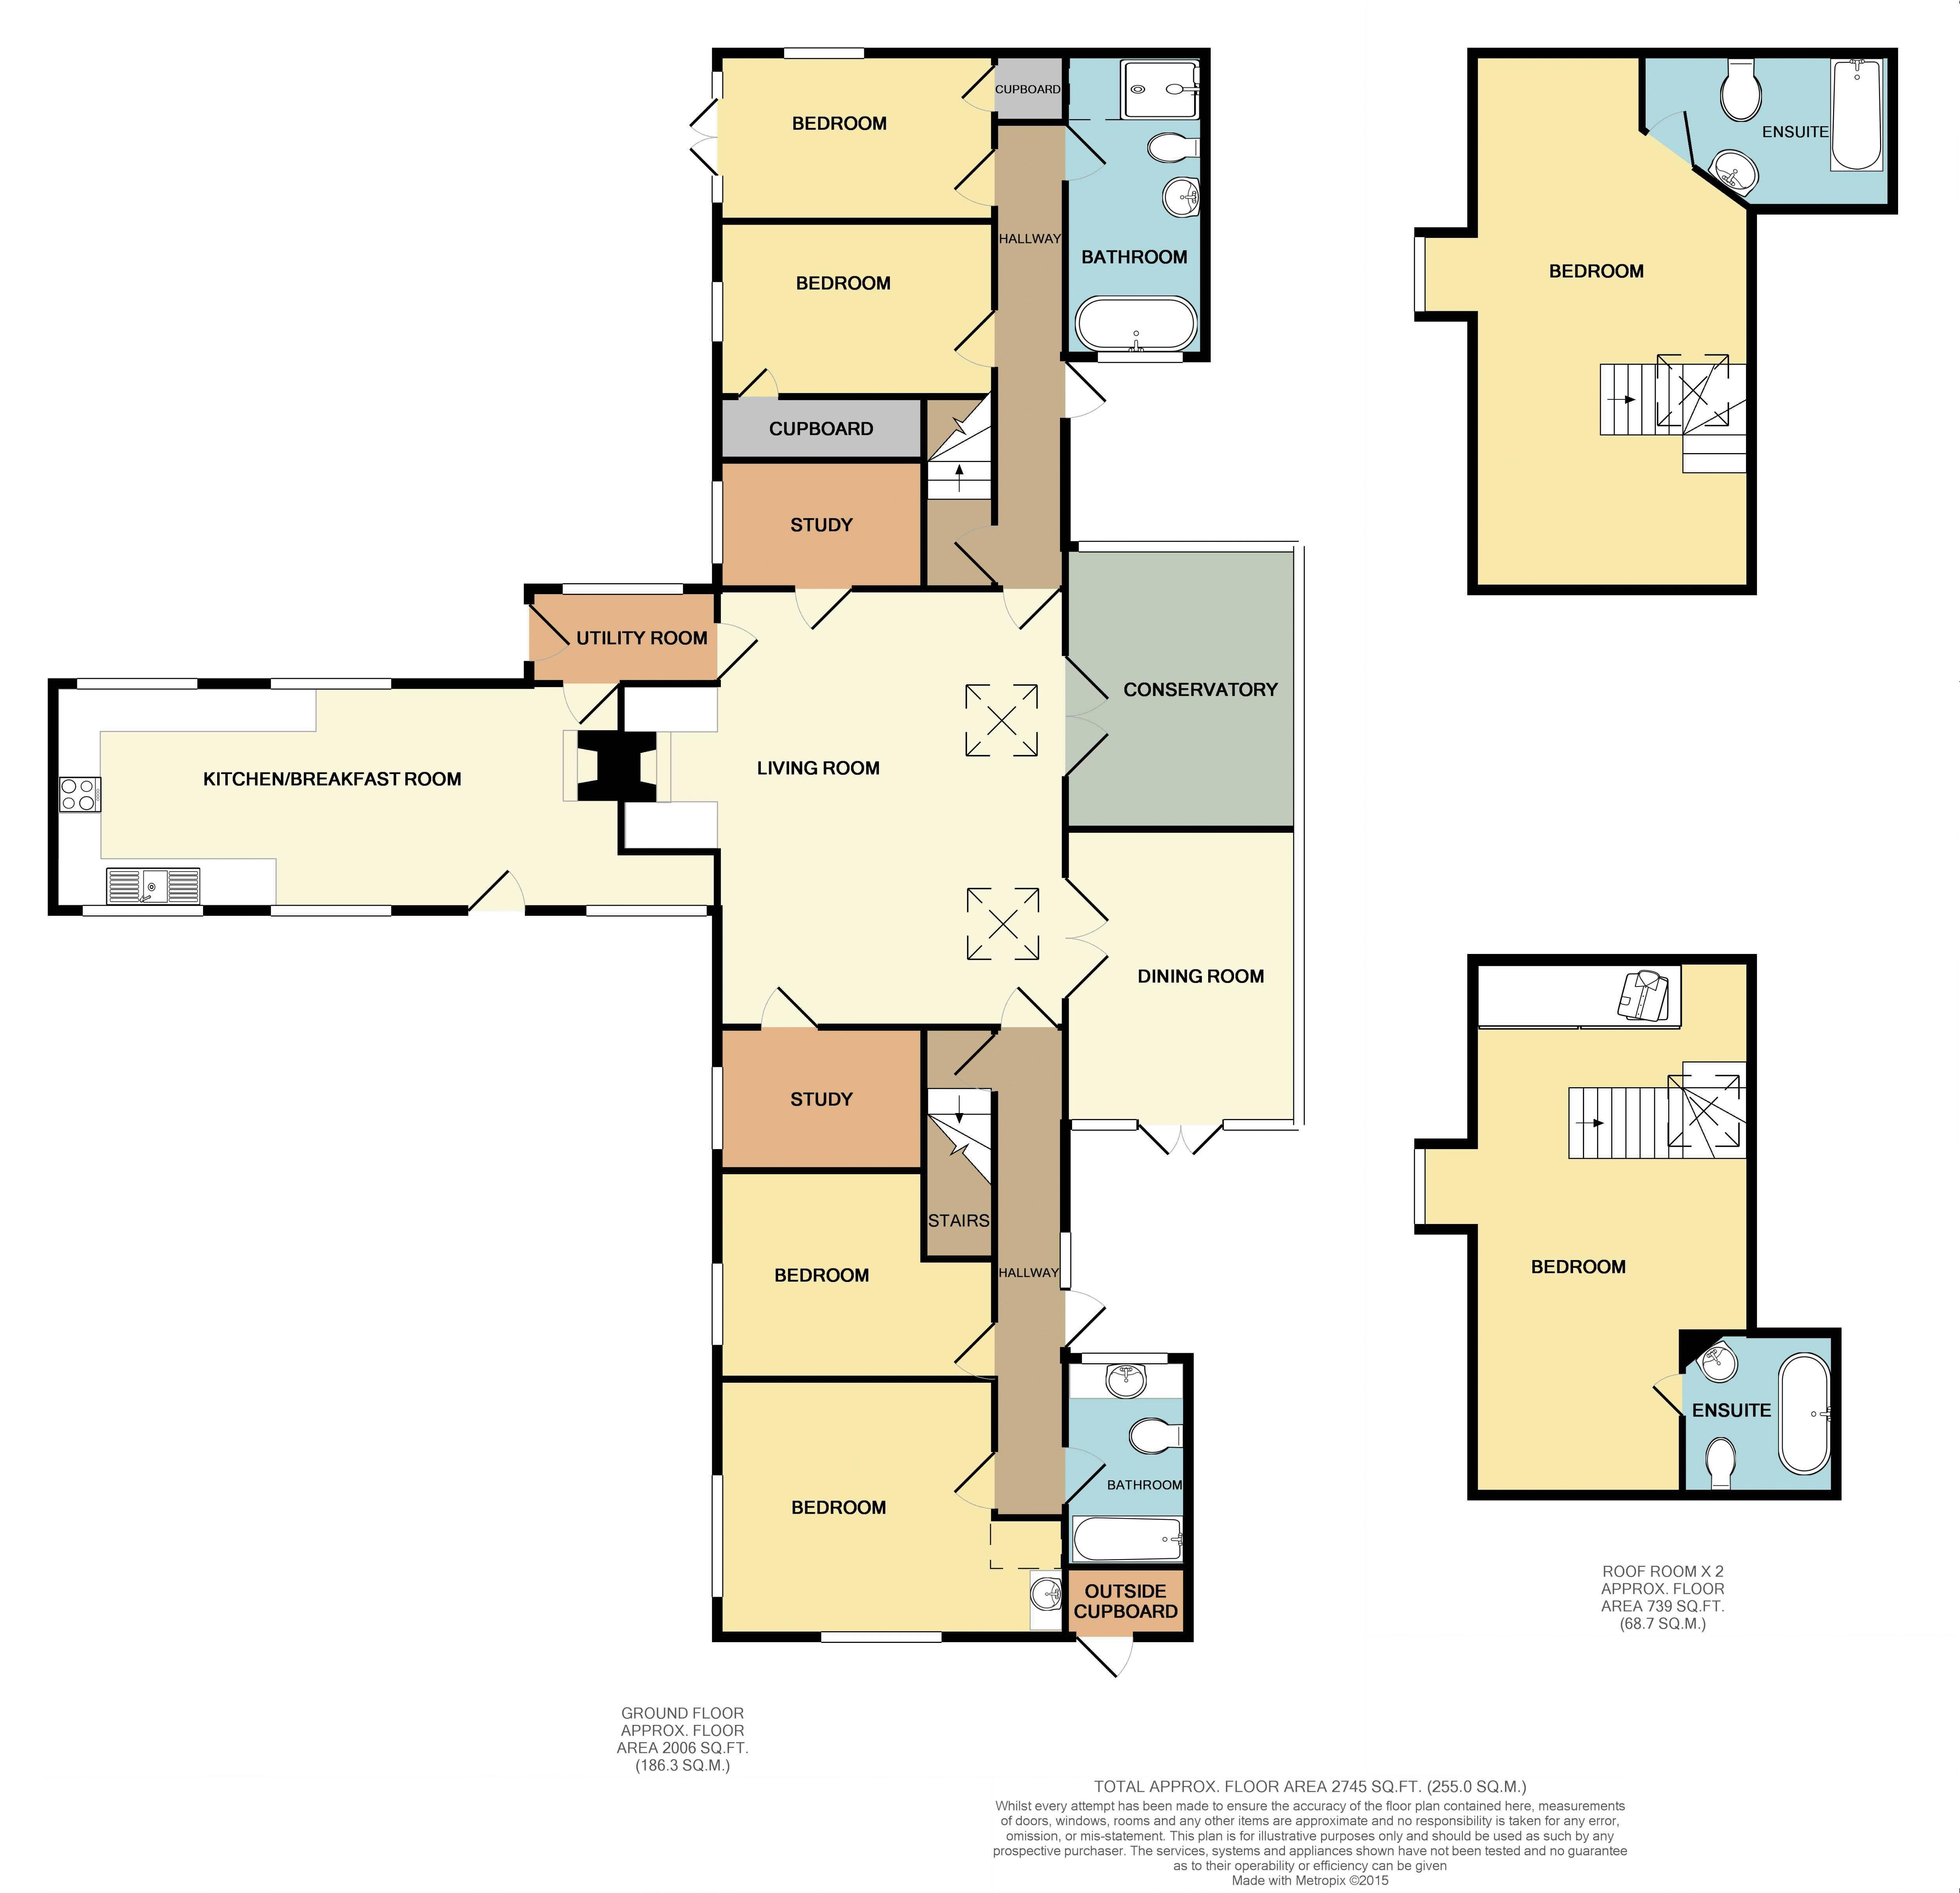 Colonist House Floorplan